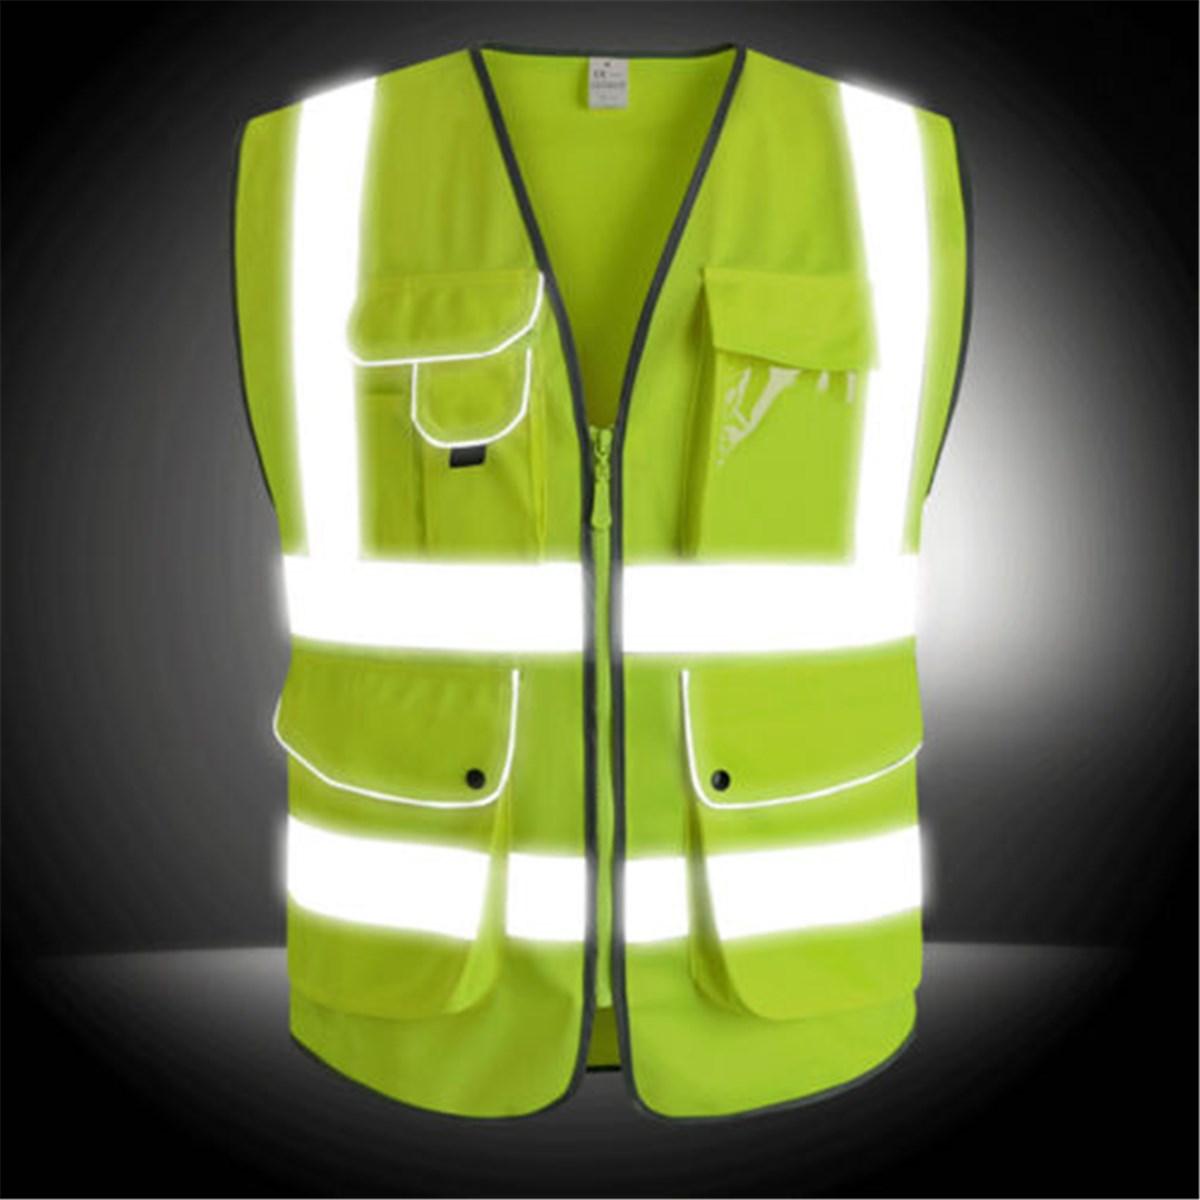 NEUE Safurance Unisex Hohe Sichtbarkeit Reflektierende Multi Taschen Bau Sicherheit Weste Arbeitskleidung Outdoor Sicherheit Kleidung